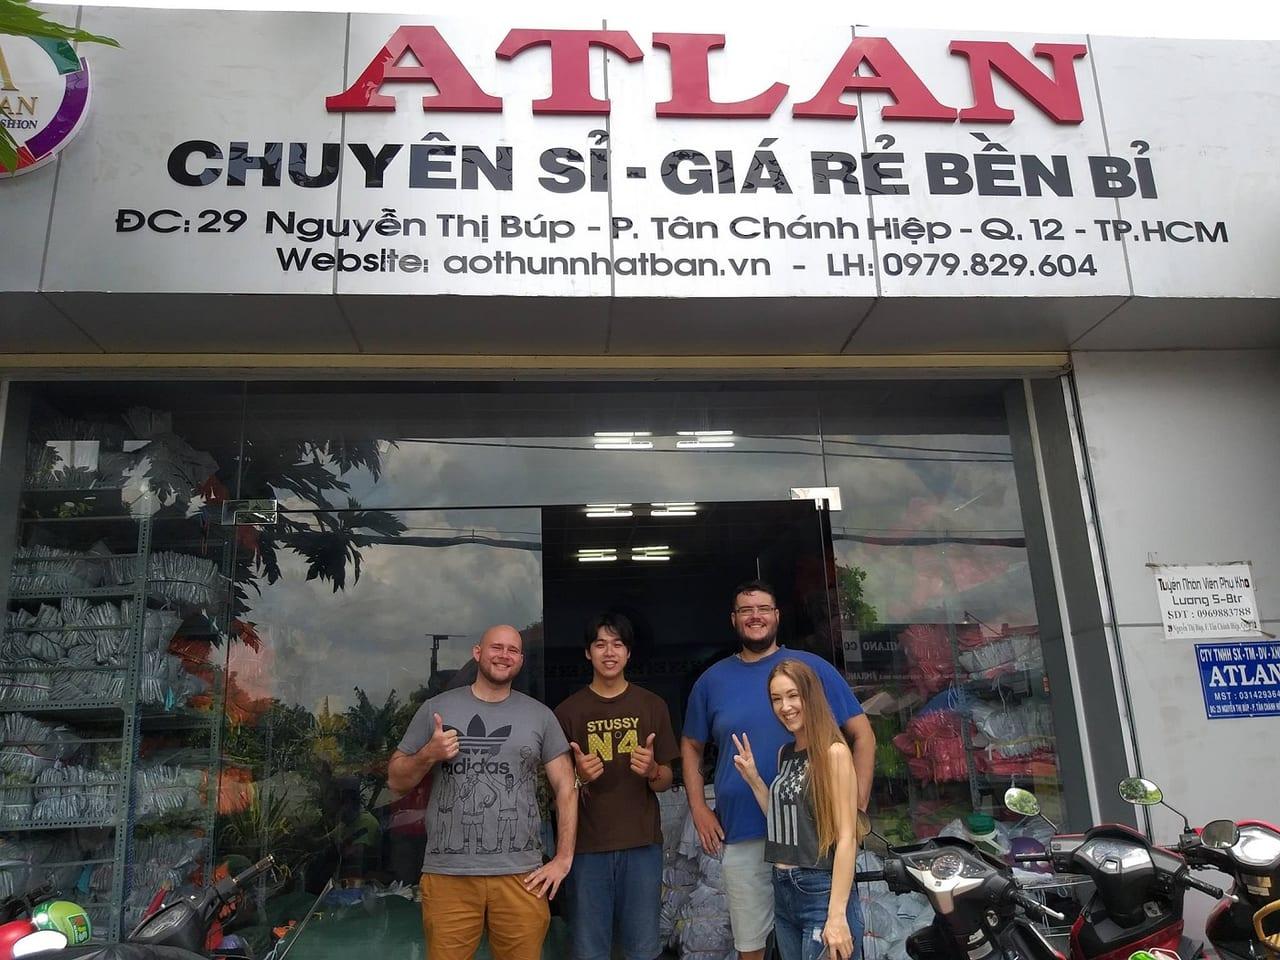 Atlan - chuyên sỉ áo thun - giá rẻ bền bỉ